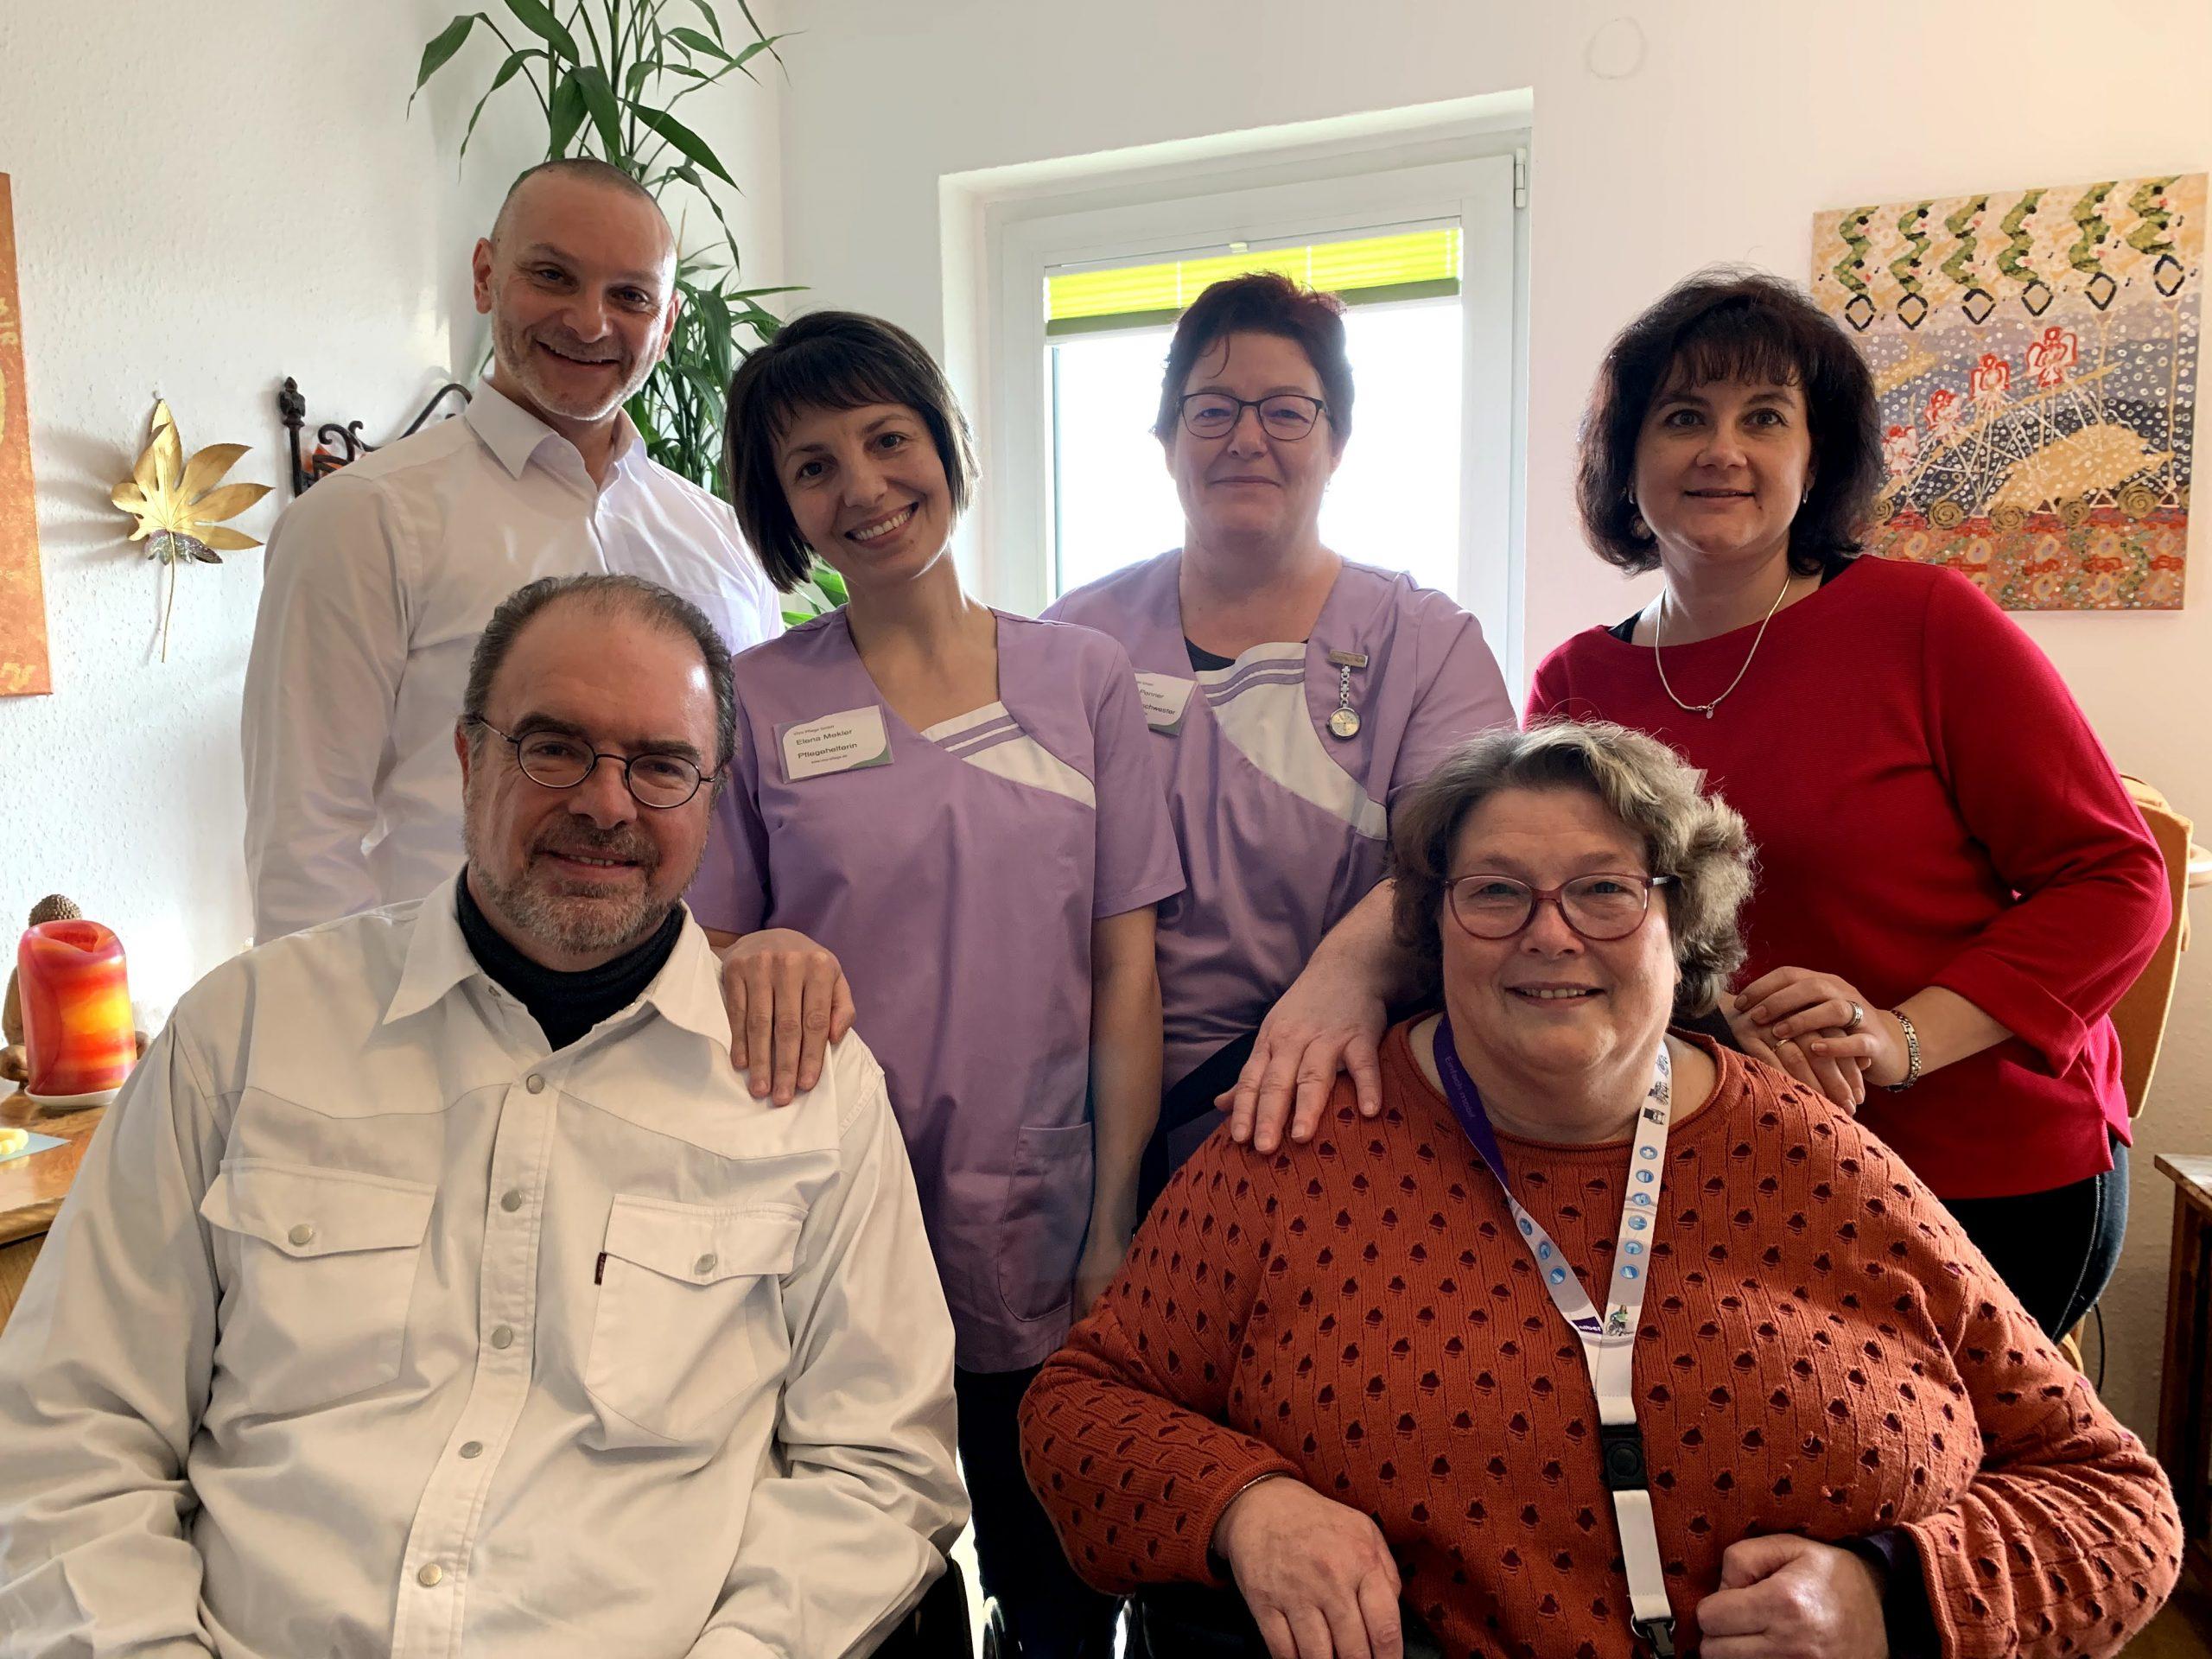 Mitarbeiter und GF bei Patienten